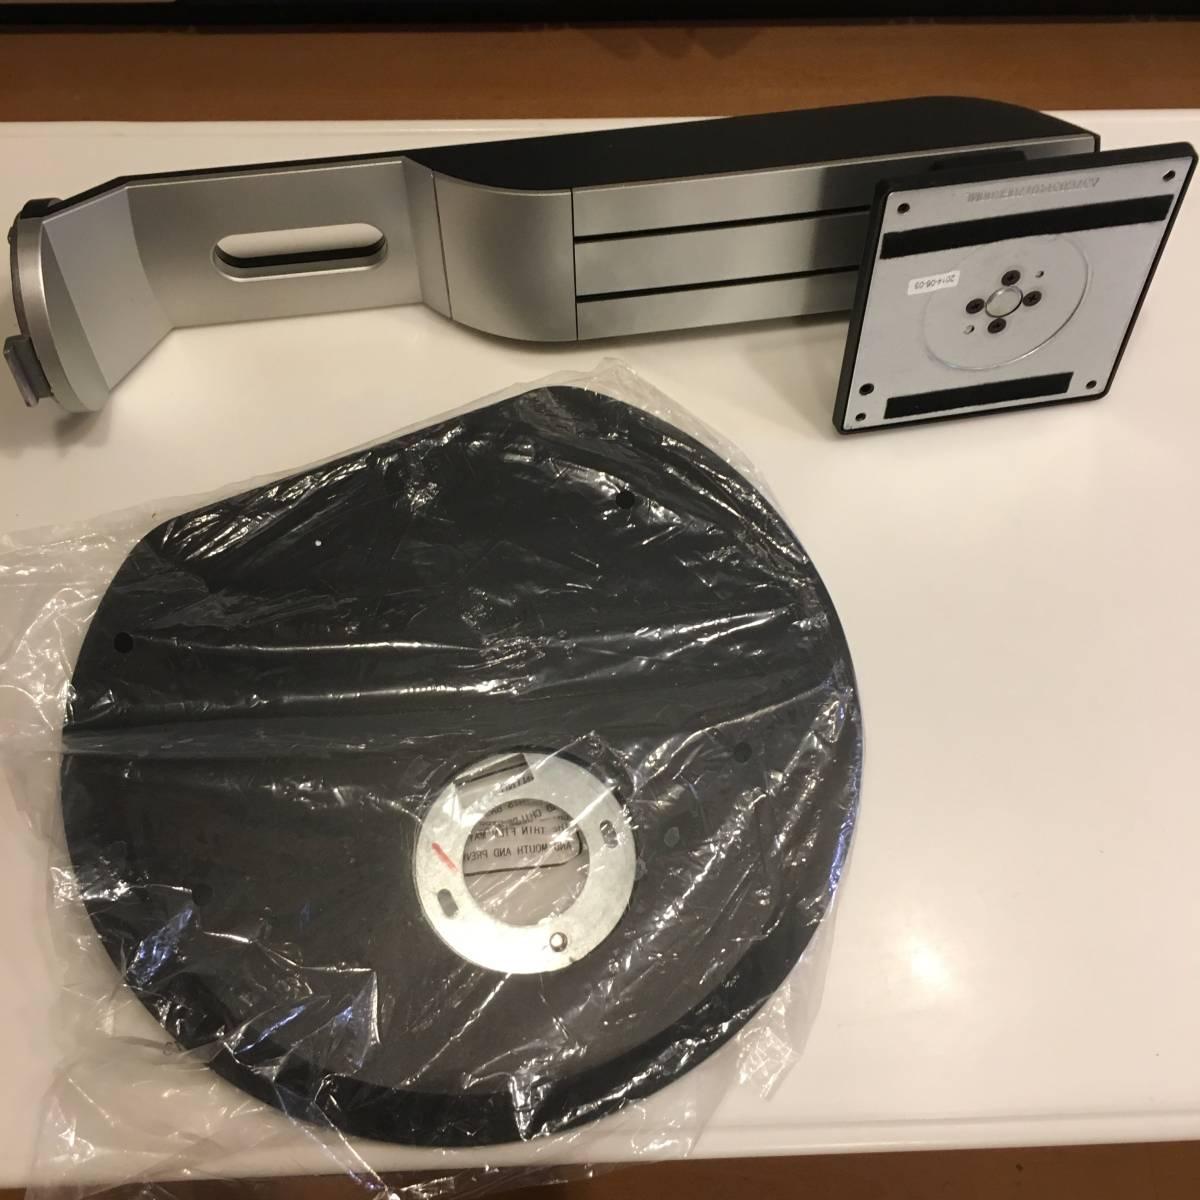 PHILIPS 28型 4K対応液晶ディスプレイ 288P 中古 ジャンク品 最低落札価格なし_画像2